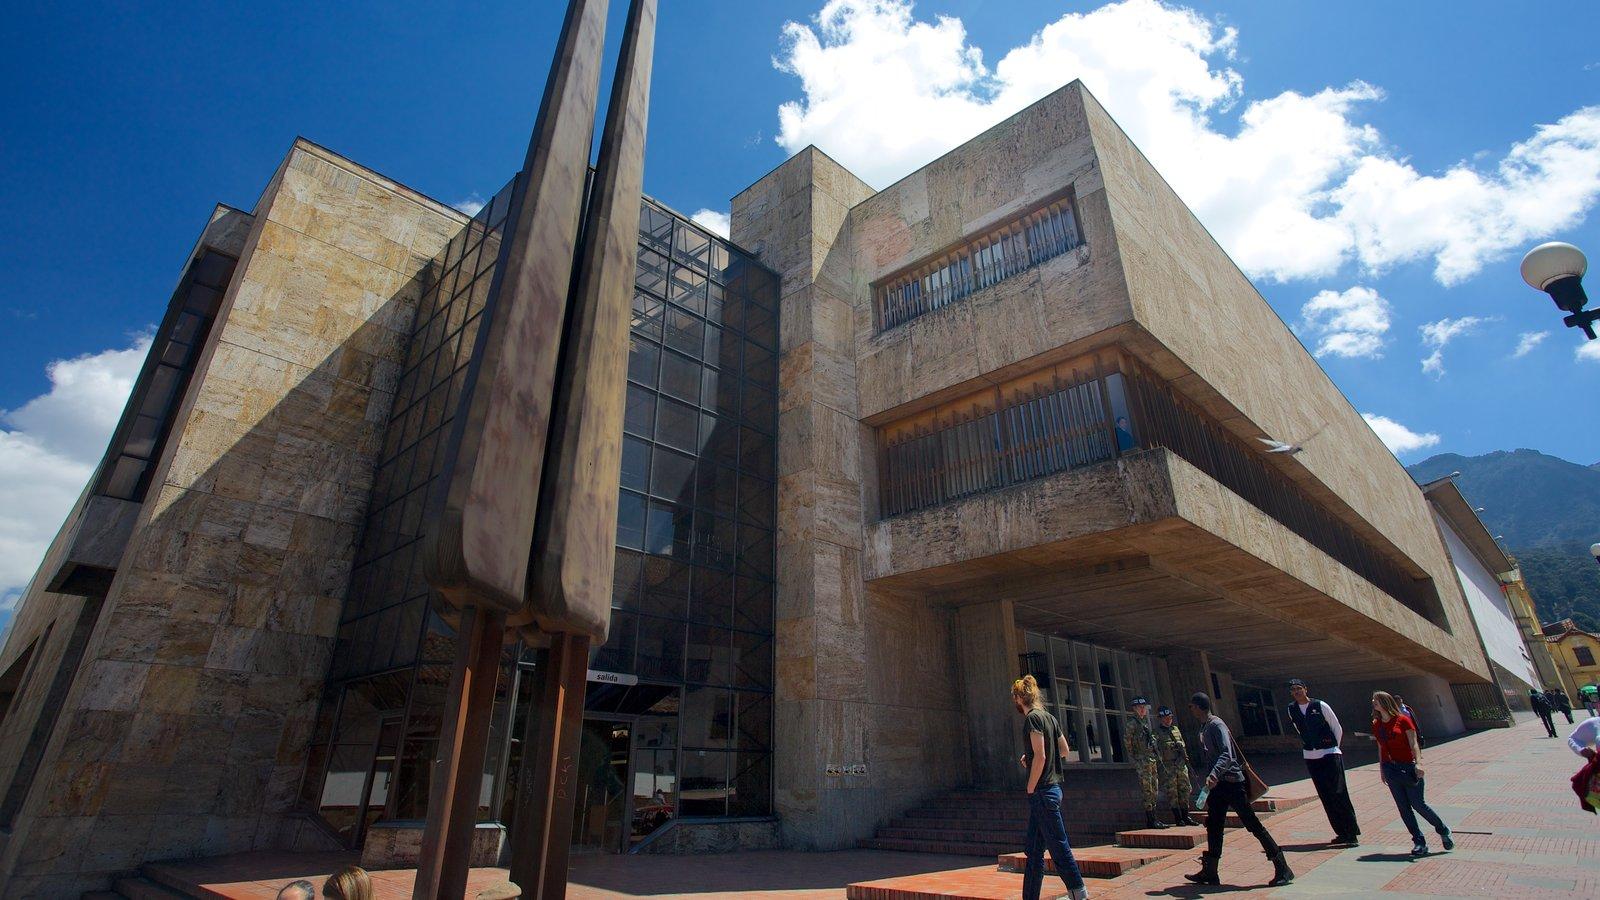 Biblioteca Luis Ángel Arango caracterizando arquitetura moderna e um edifício administrativo assim como um pequeno grupo de pessoas